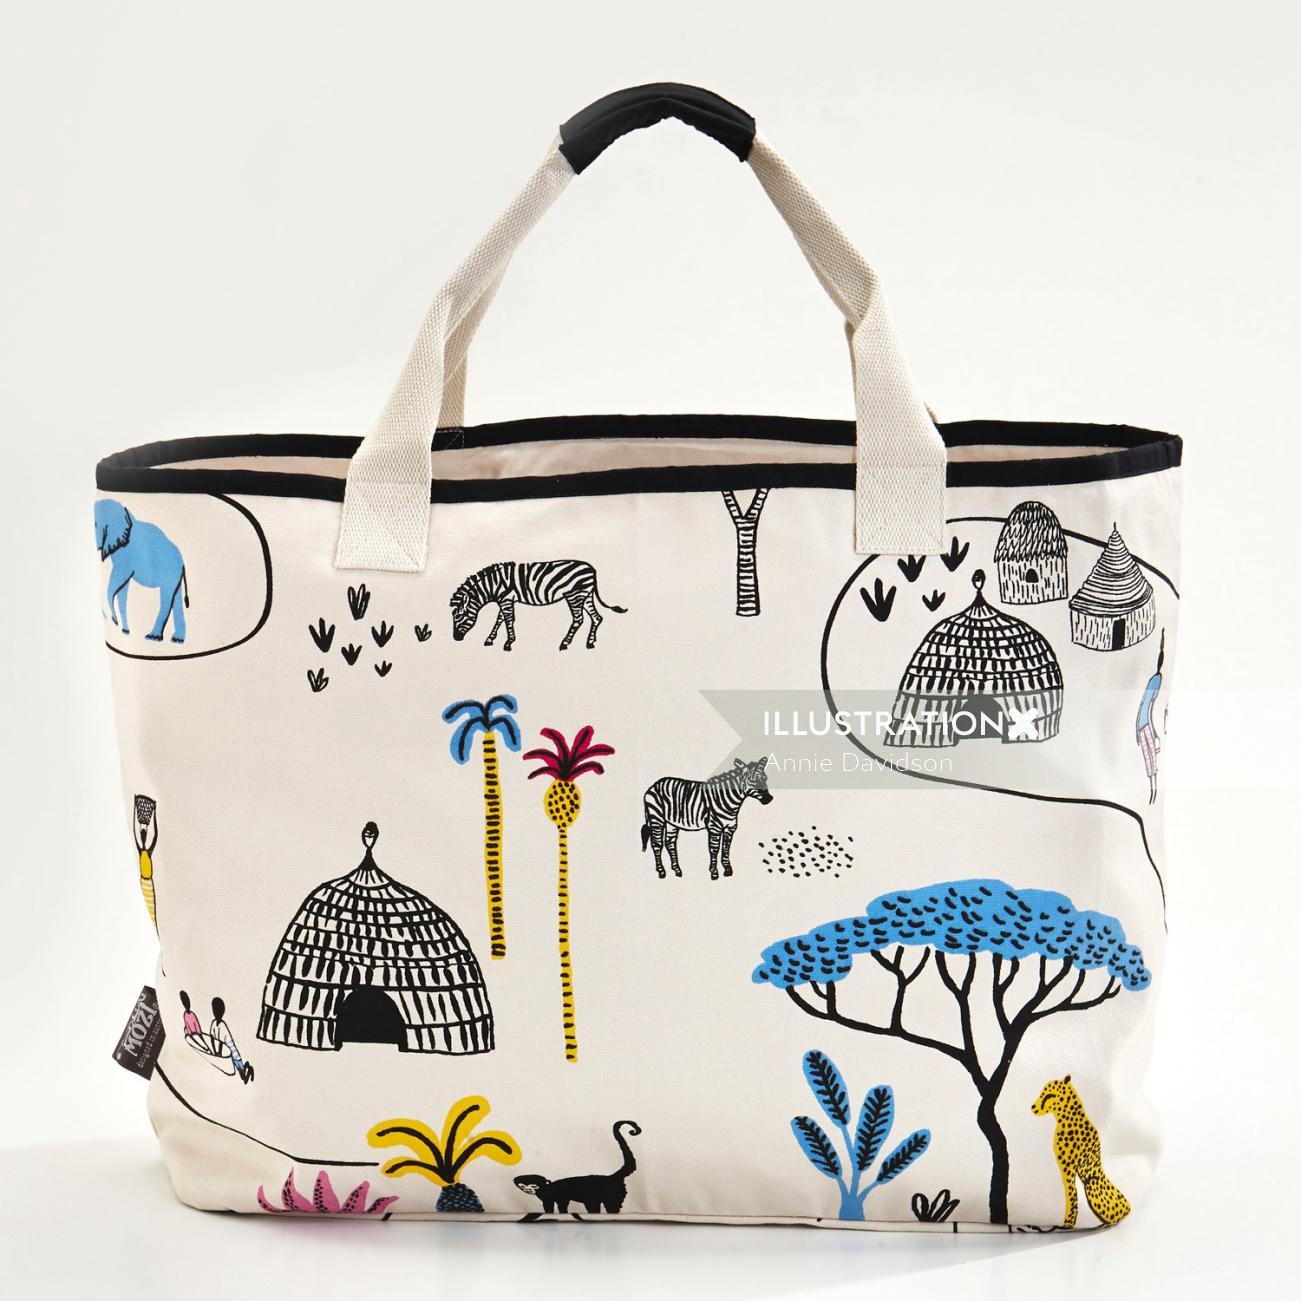 Africa tote bag illustration